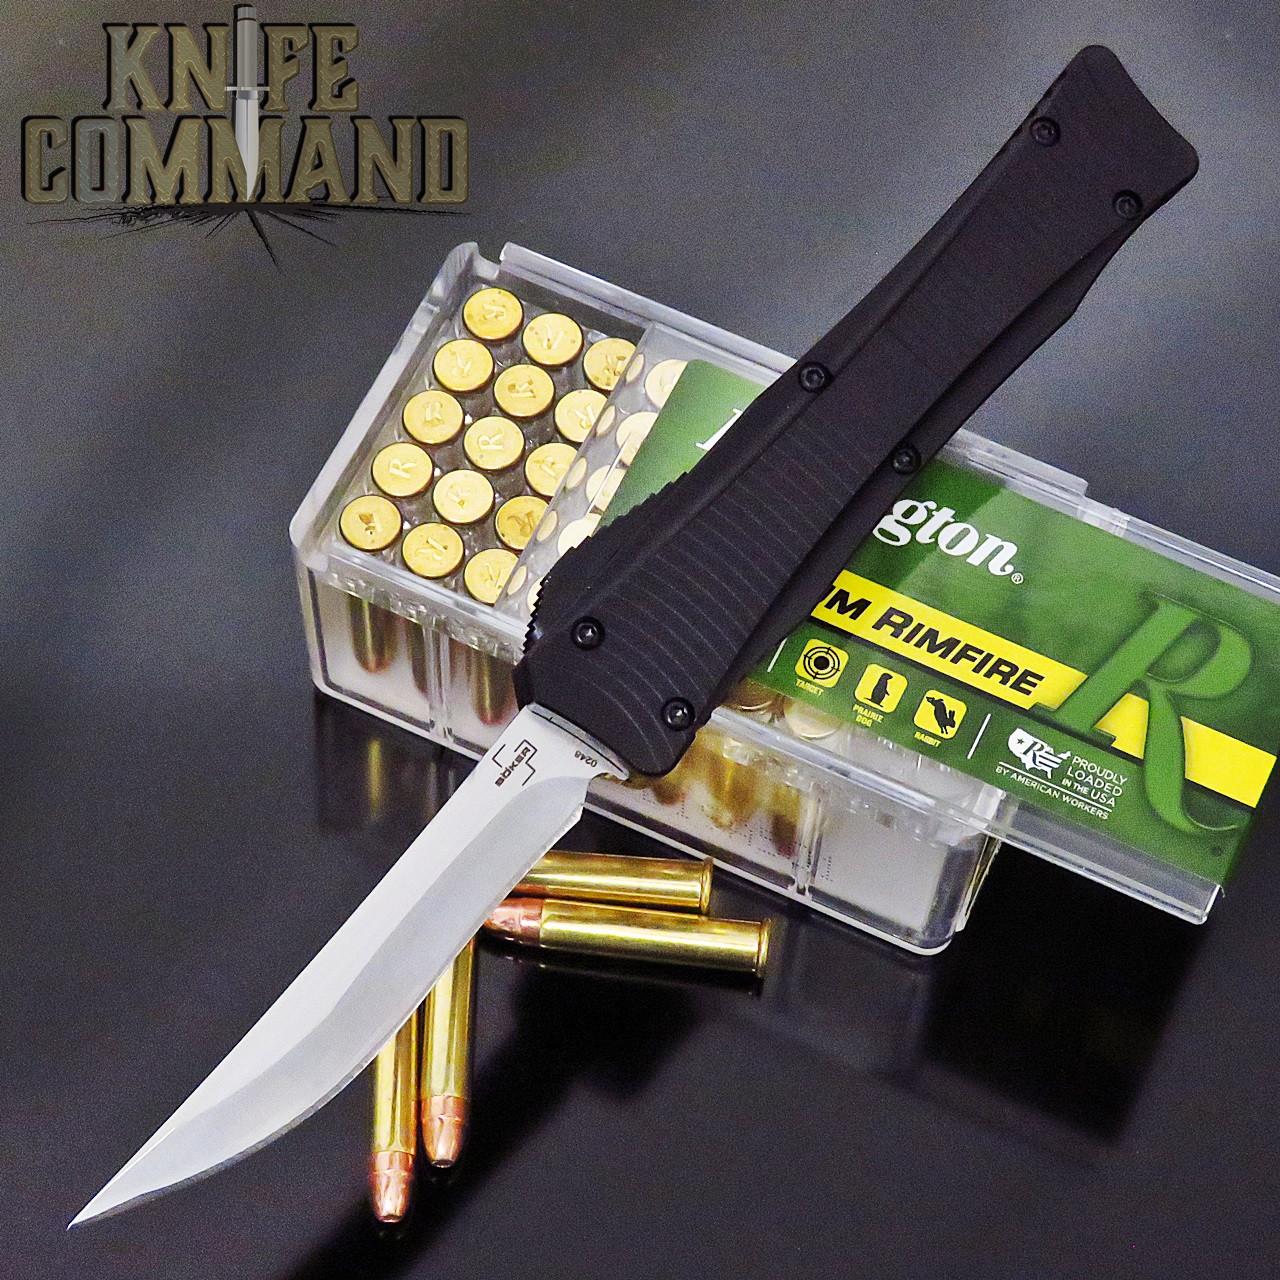 Boker Plus Lhotak Mini Eagle OTF Automatic Knife Black 06EX224 Cobratec Knives